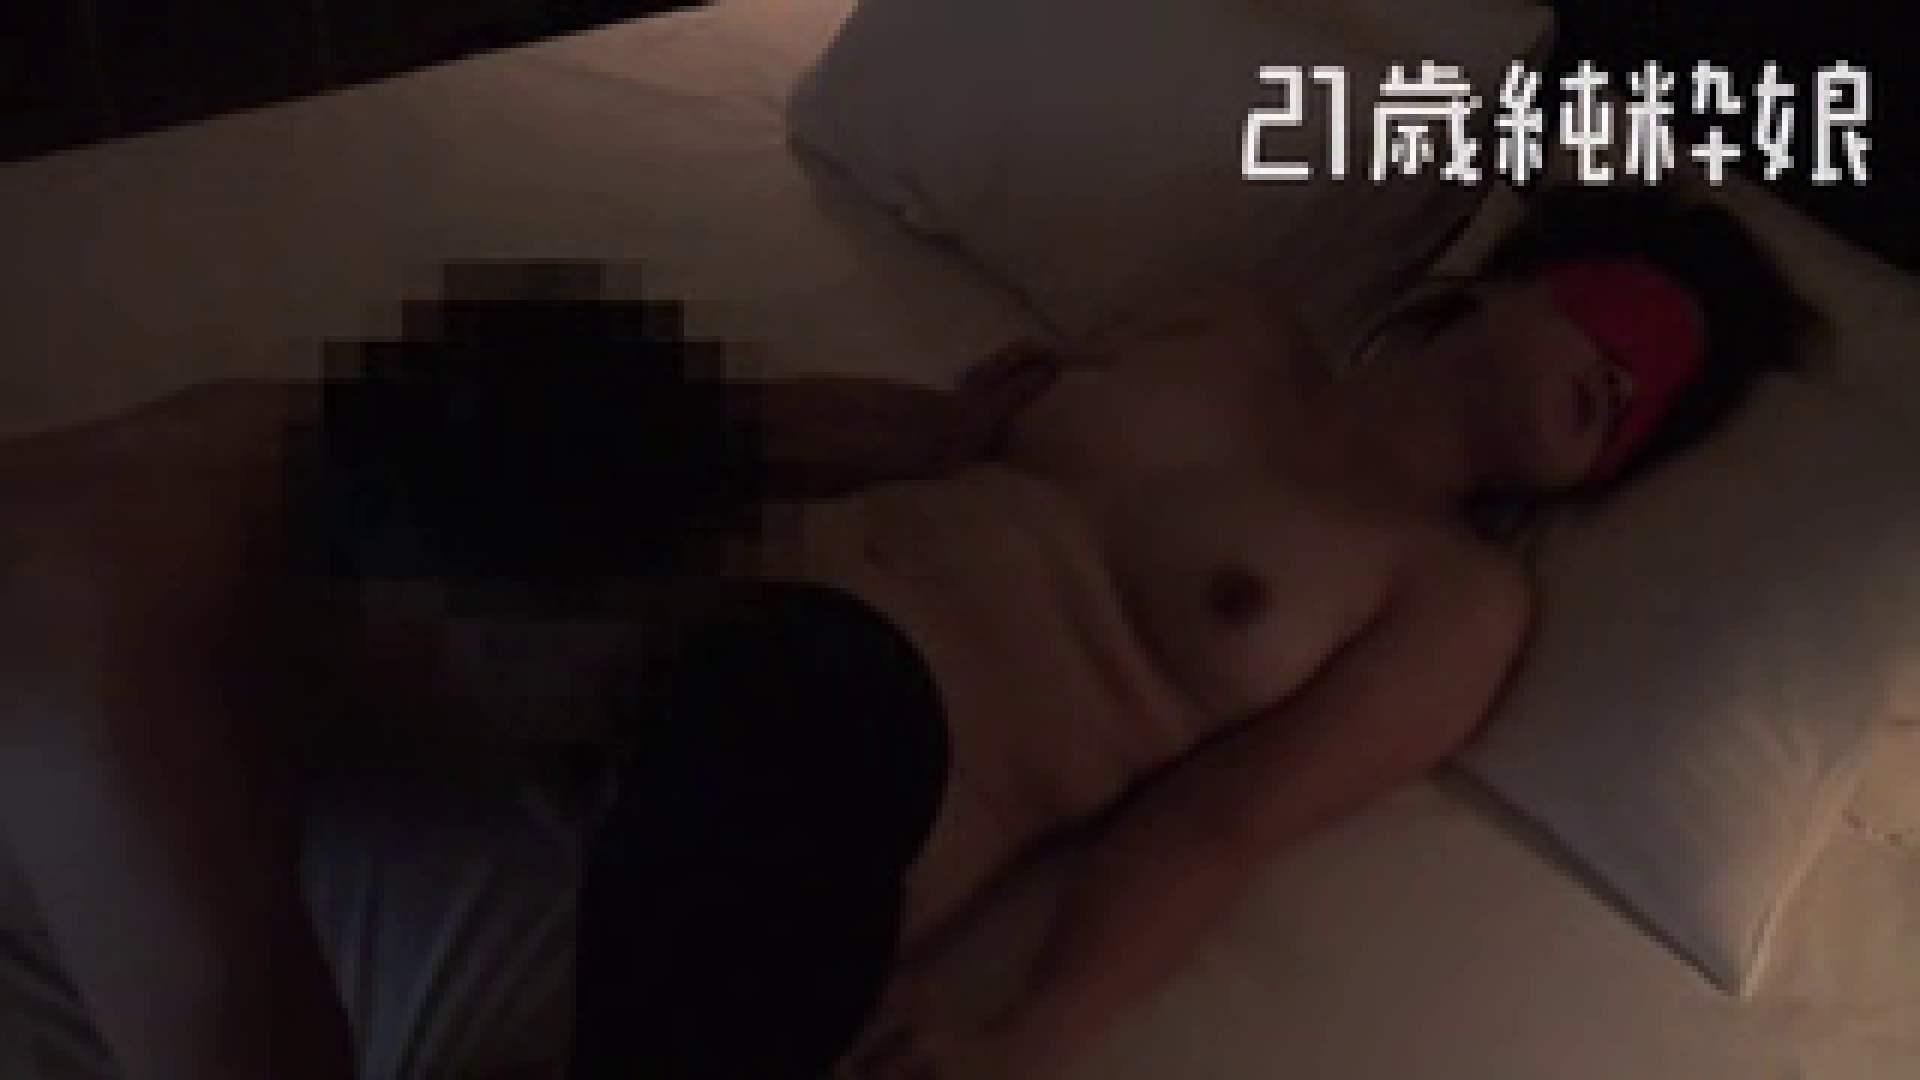 上京したばかりのGカップ21歳純粋嬢を都合の良い女にしてみた4 友人 | ホテル  60連発 48